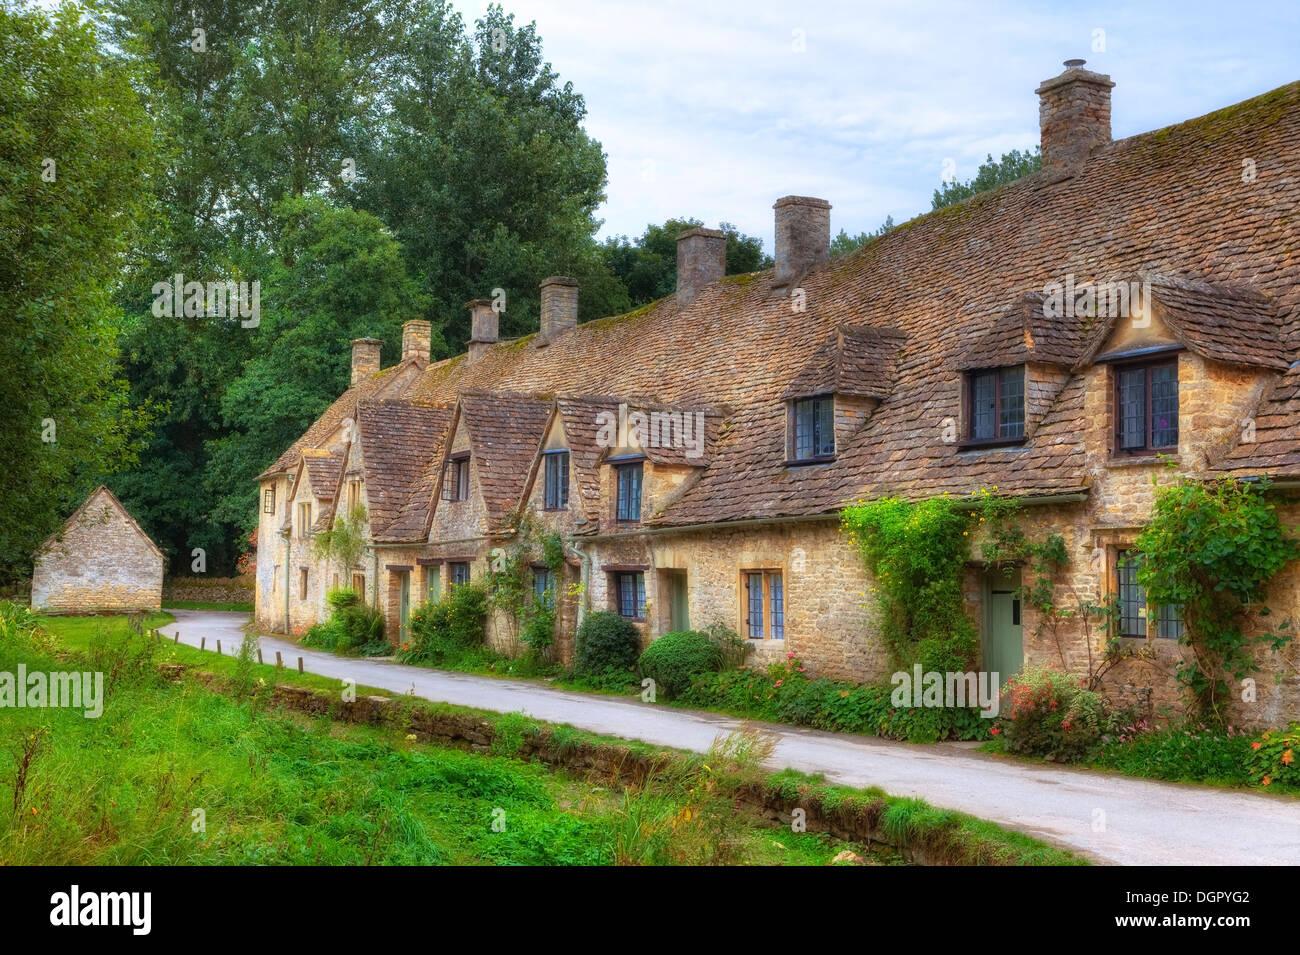 Bibury, Cotswold, Gloucestershire, England, United Kingdom - Stock Image